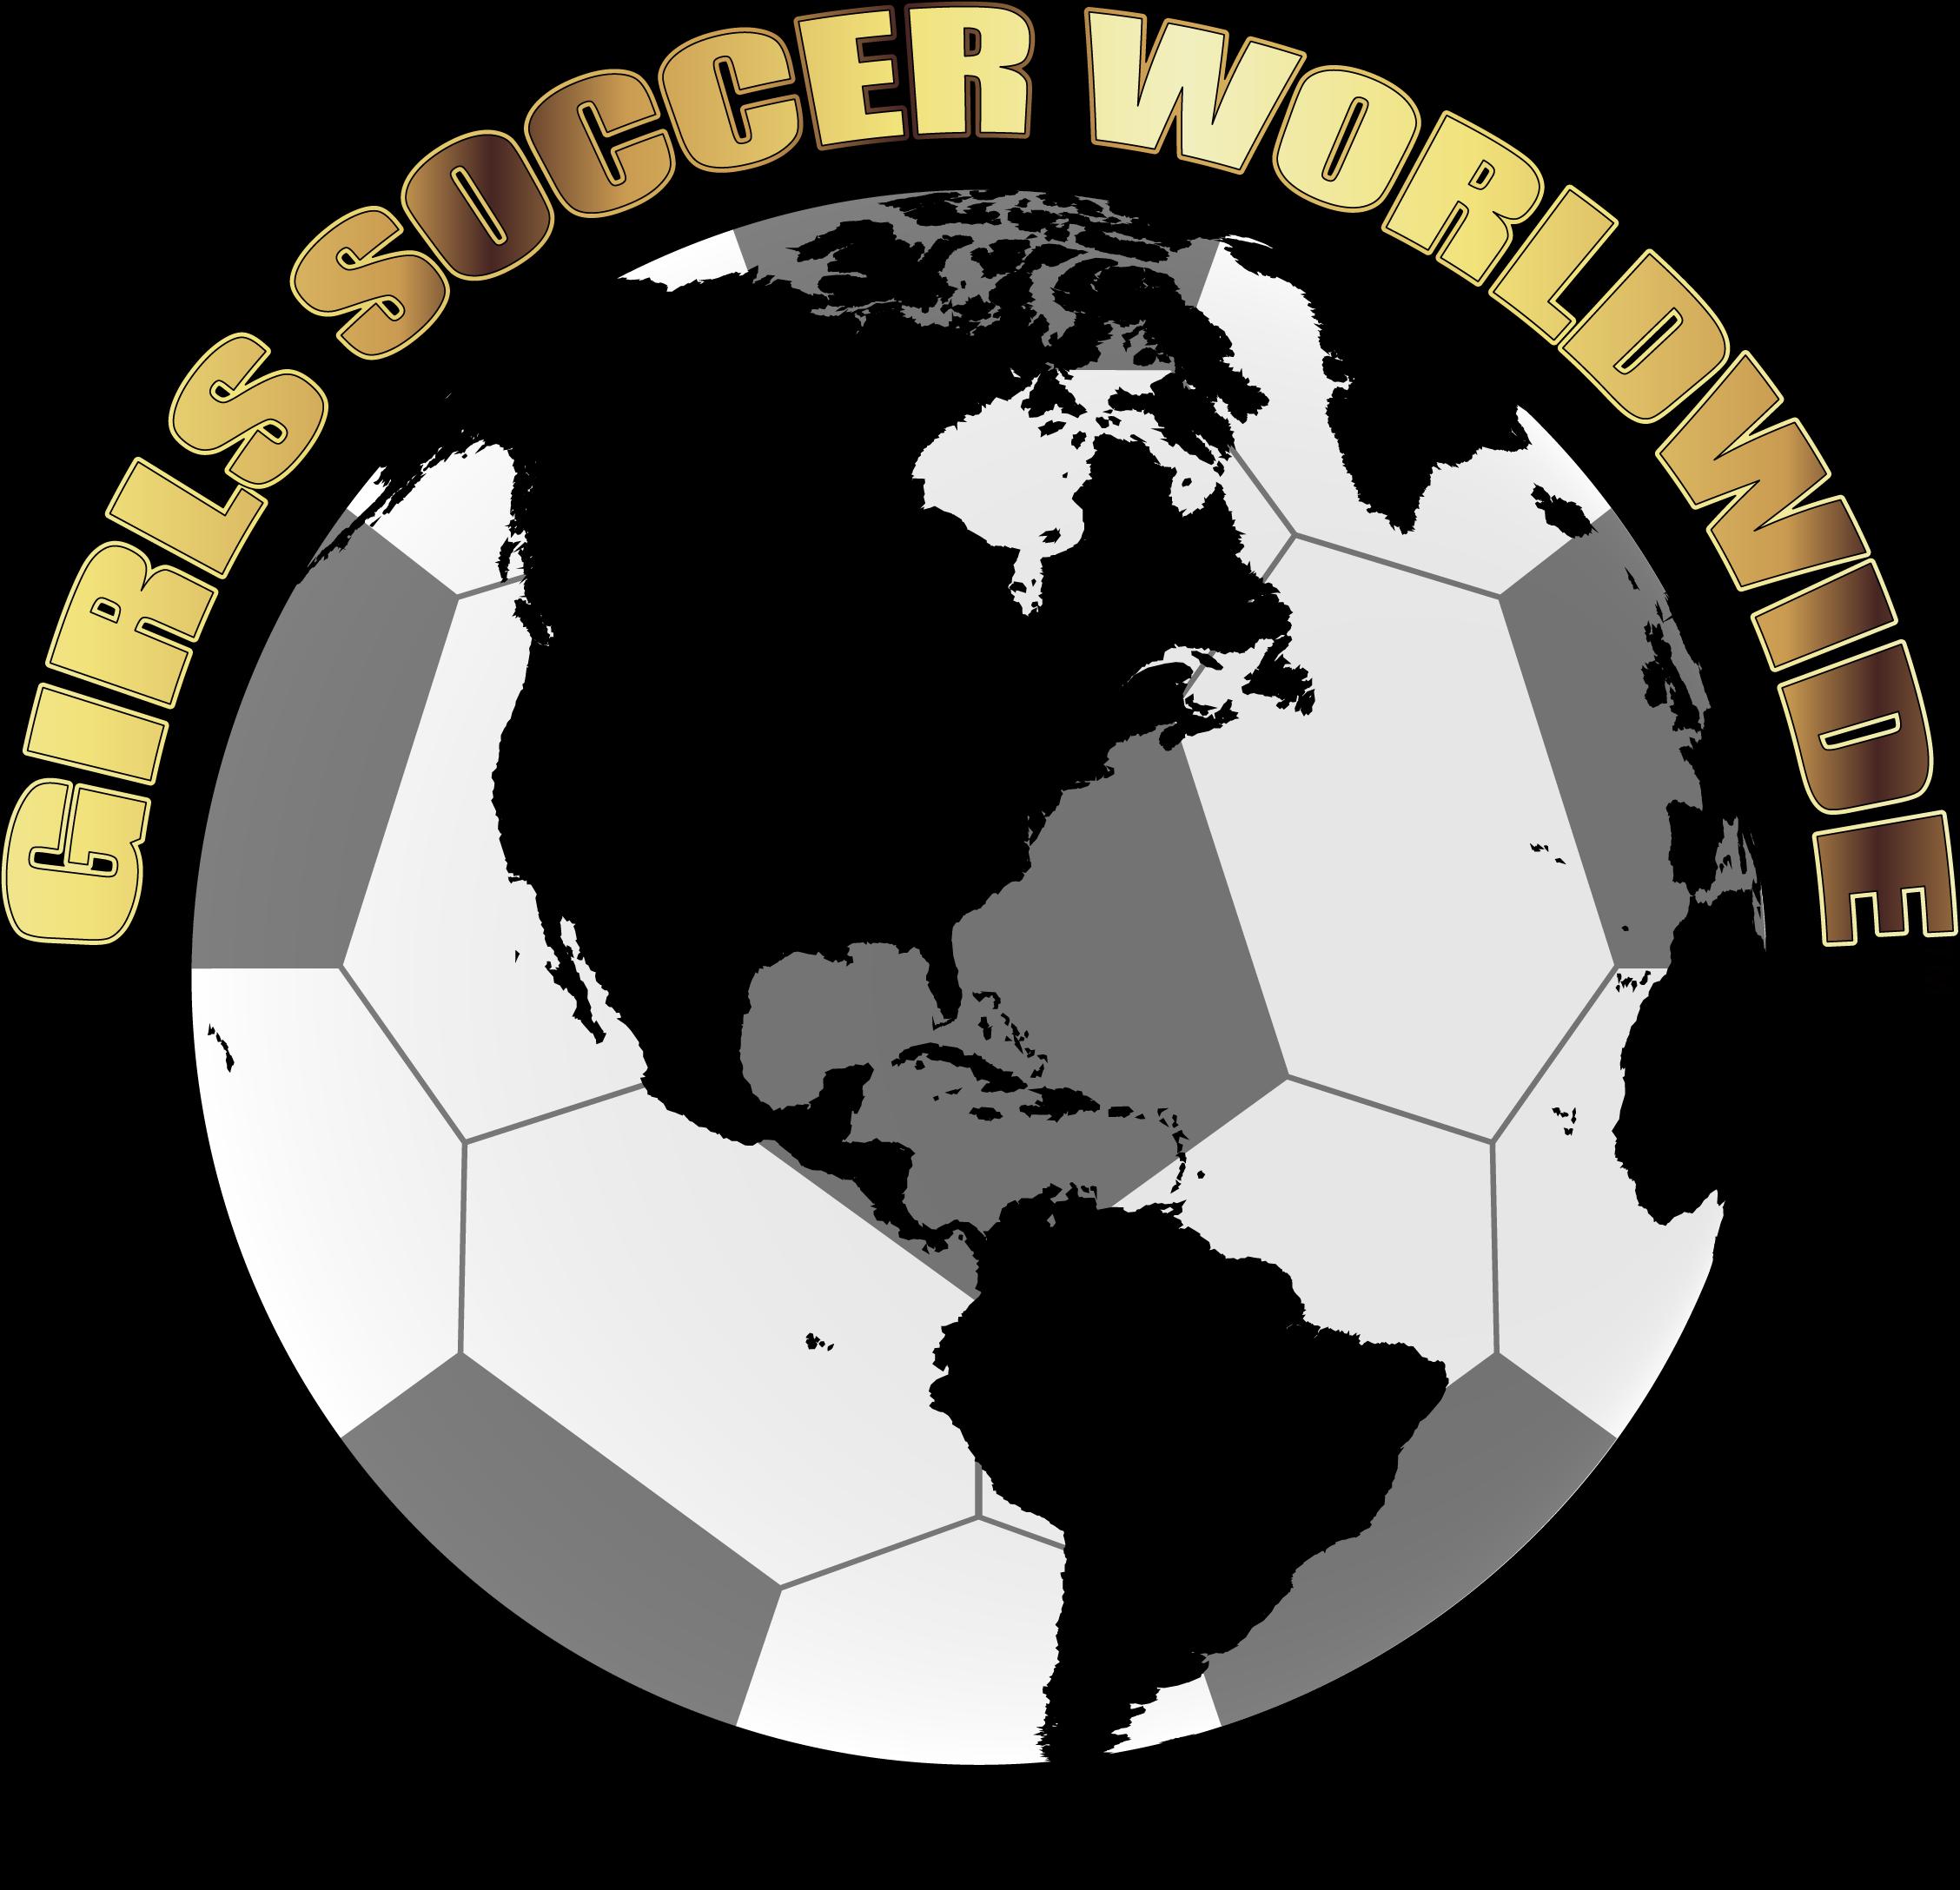 Gir;s Soccer Worldwide logo